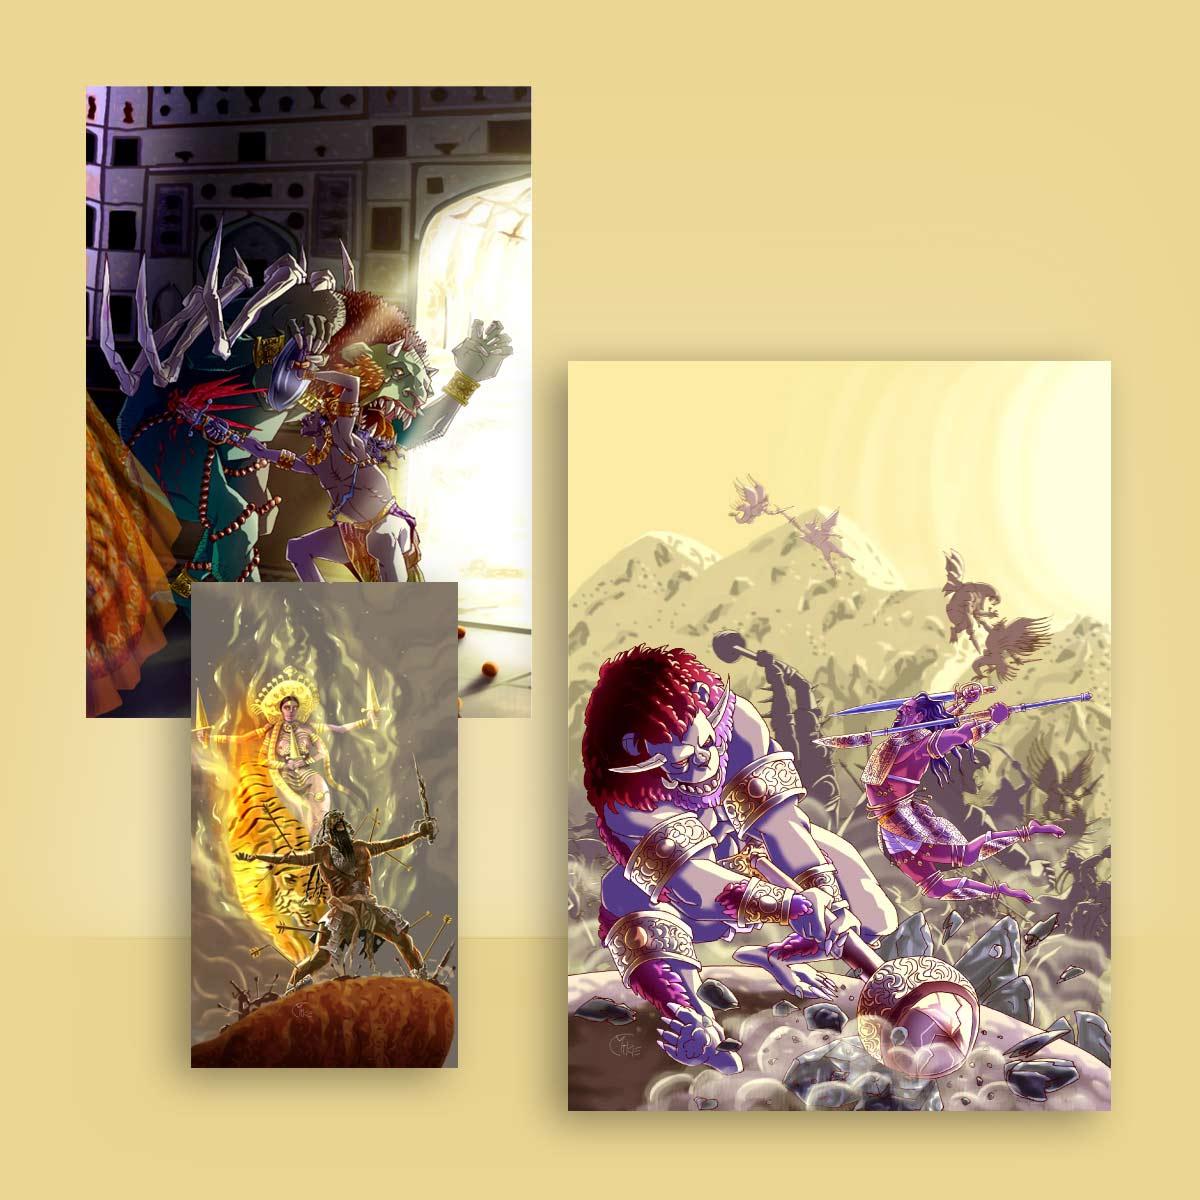 ilustración juego de roles Kali Yuga